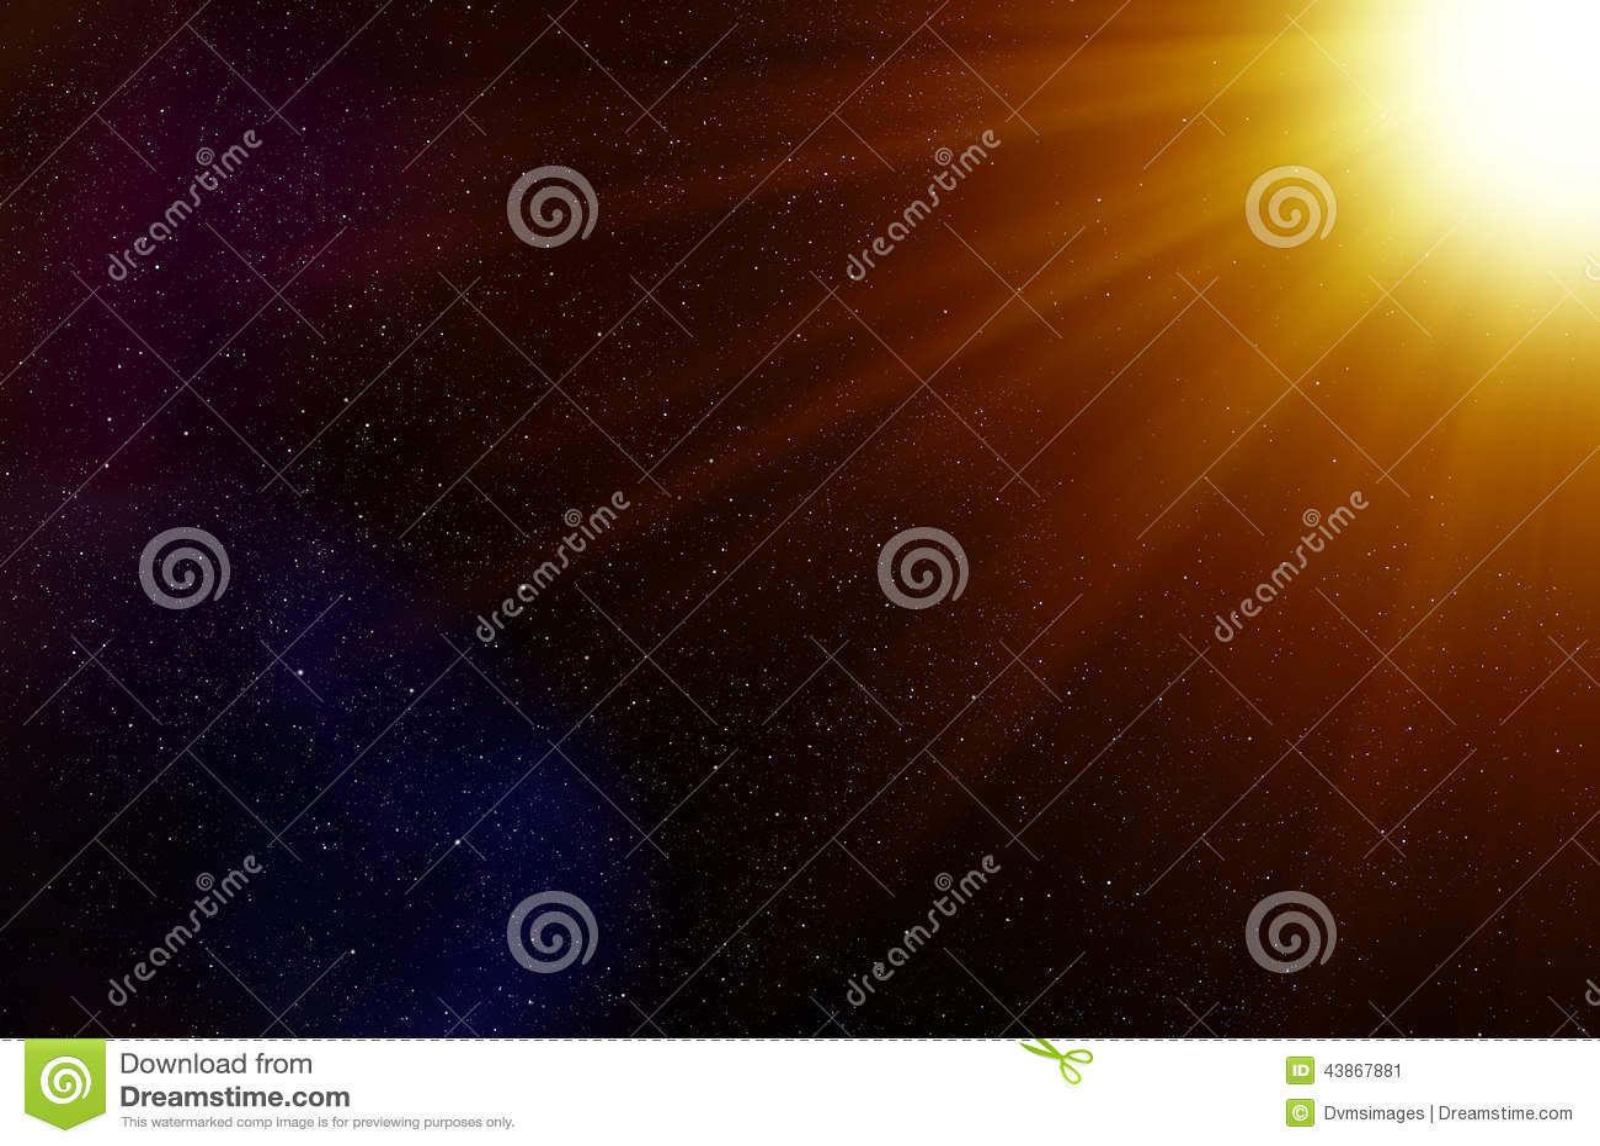 Υπόβαθρο διαστημικών αστεριών και ελαφριών ακτίνων